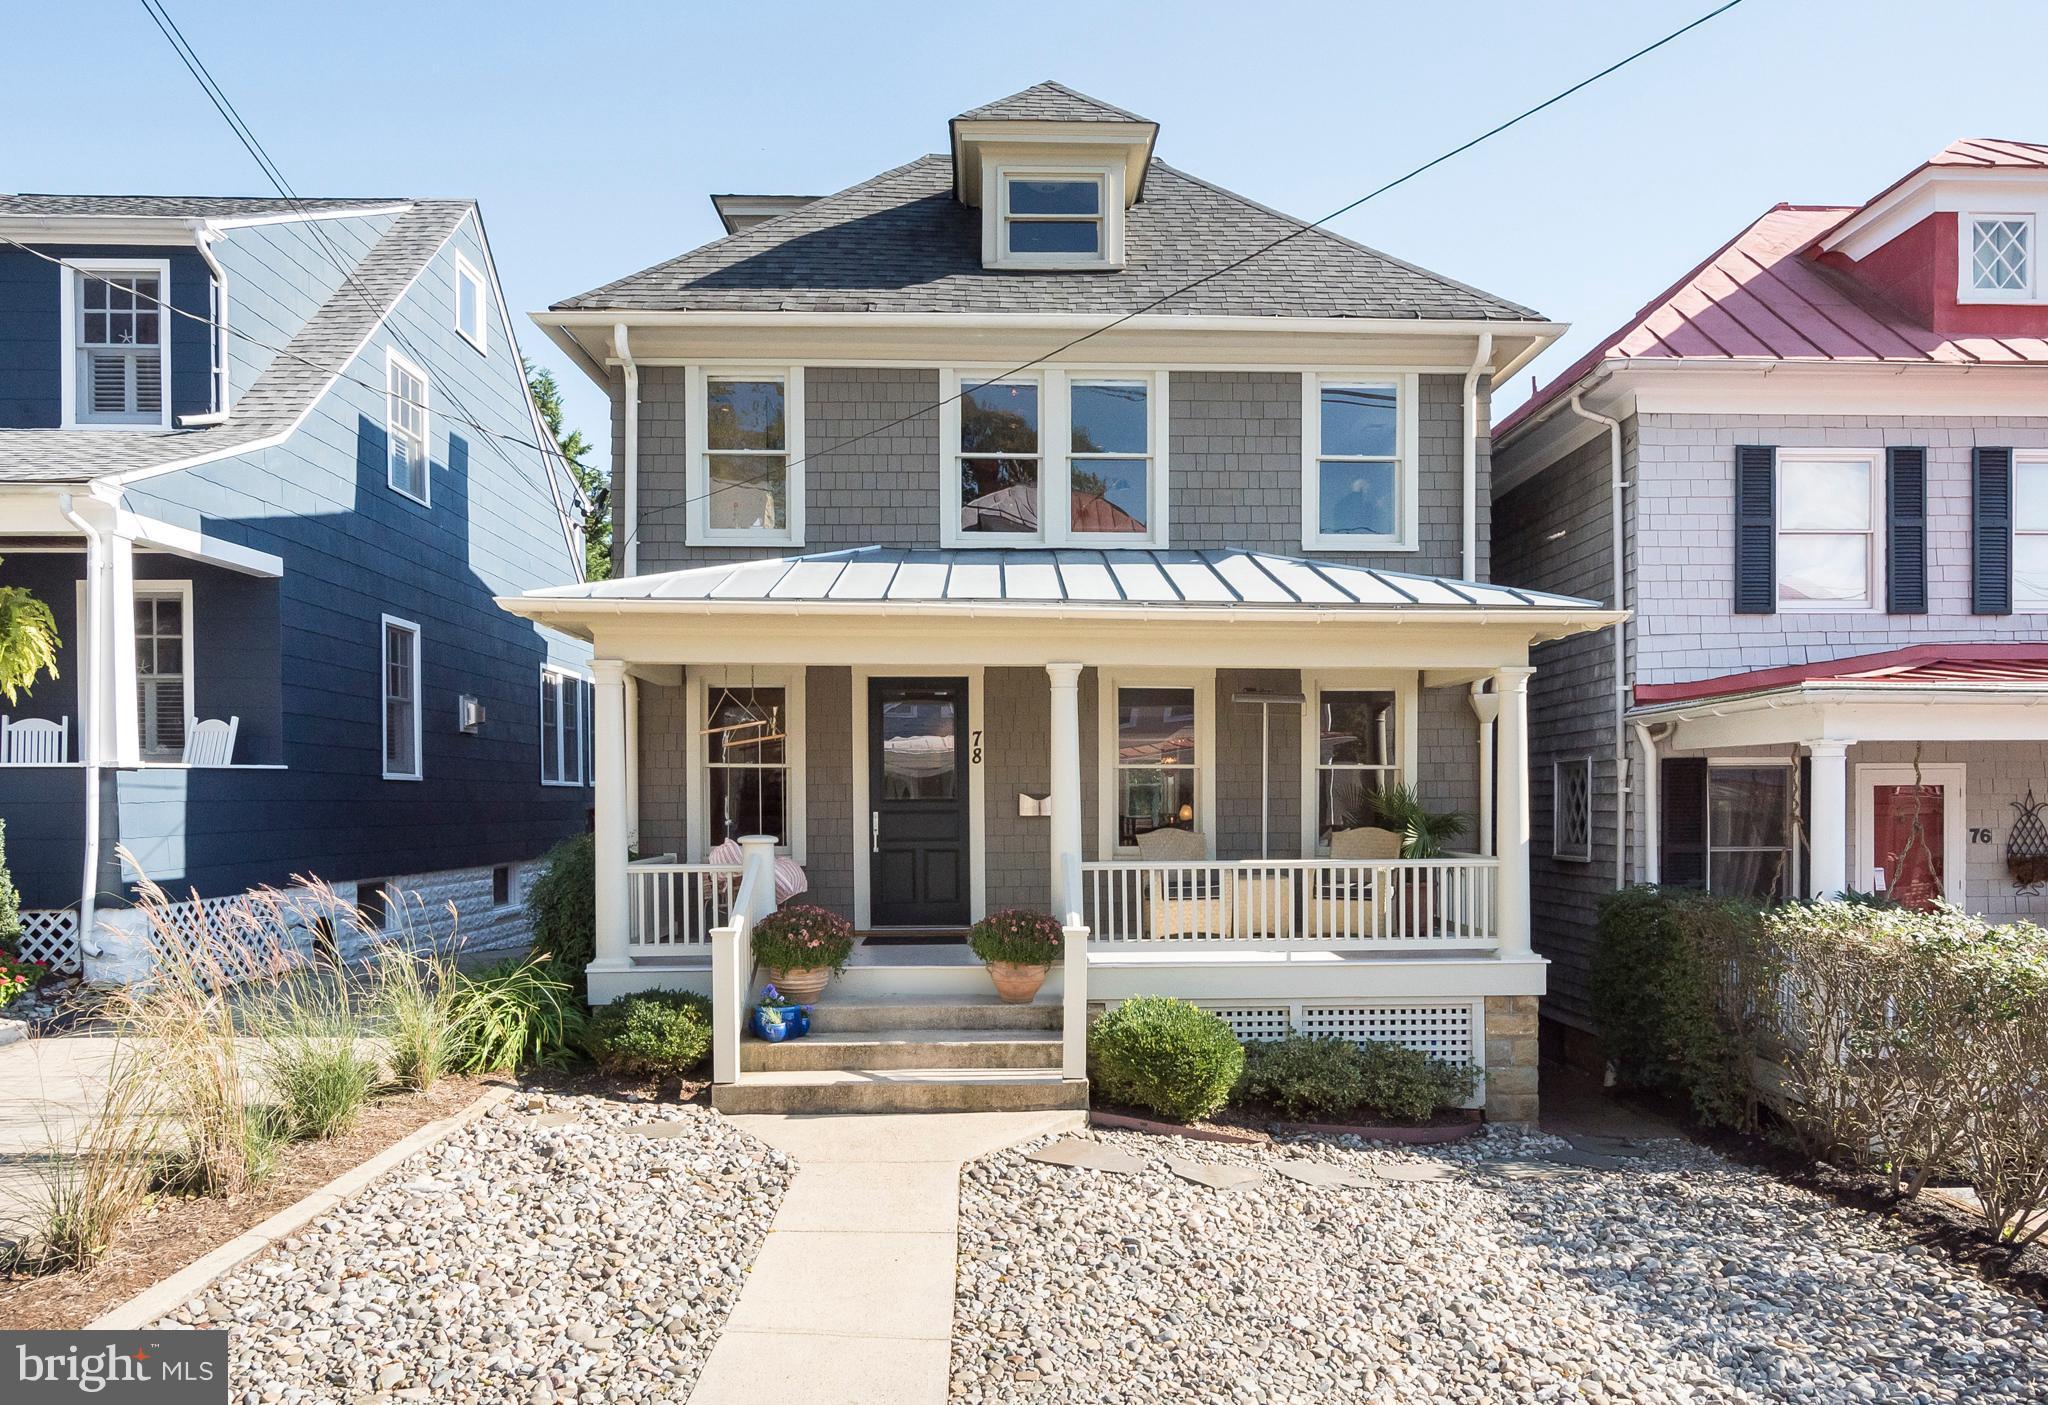 78 Conduit St, Annapolis, MD, 21401